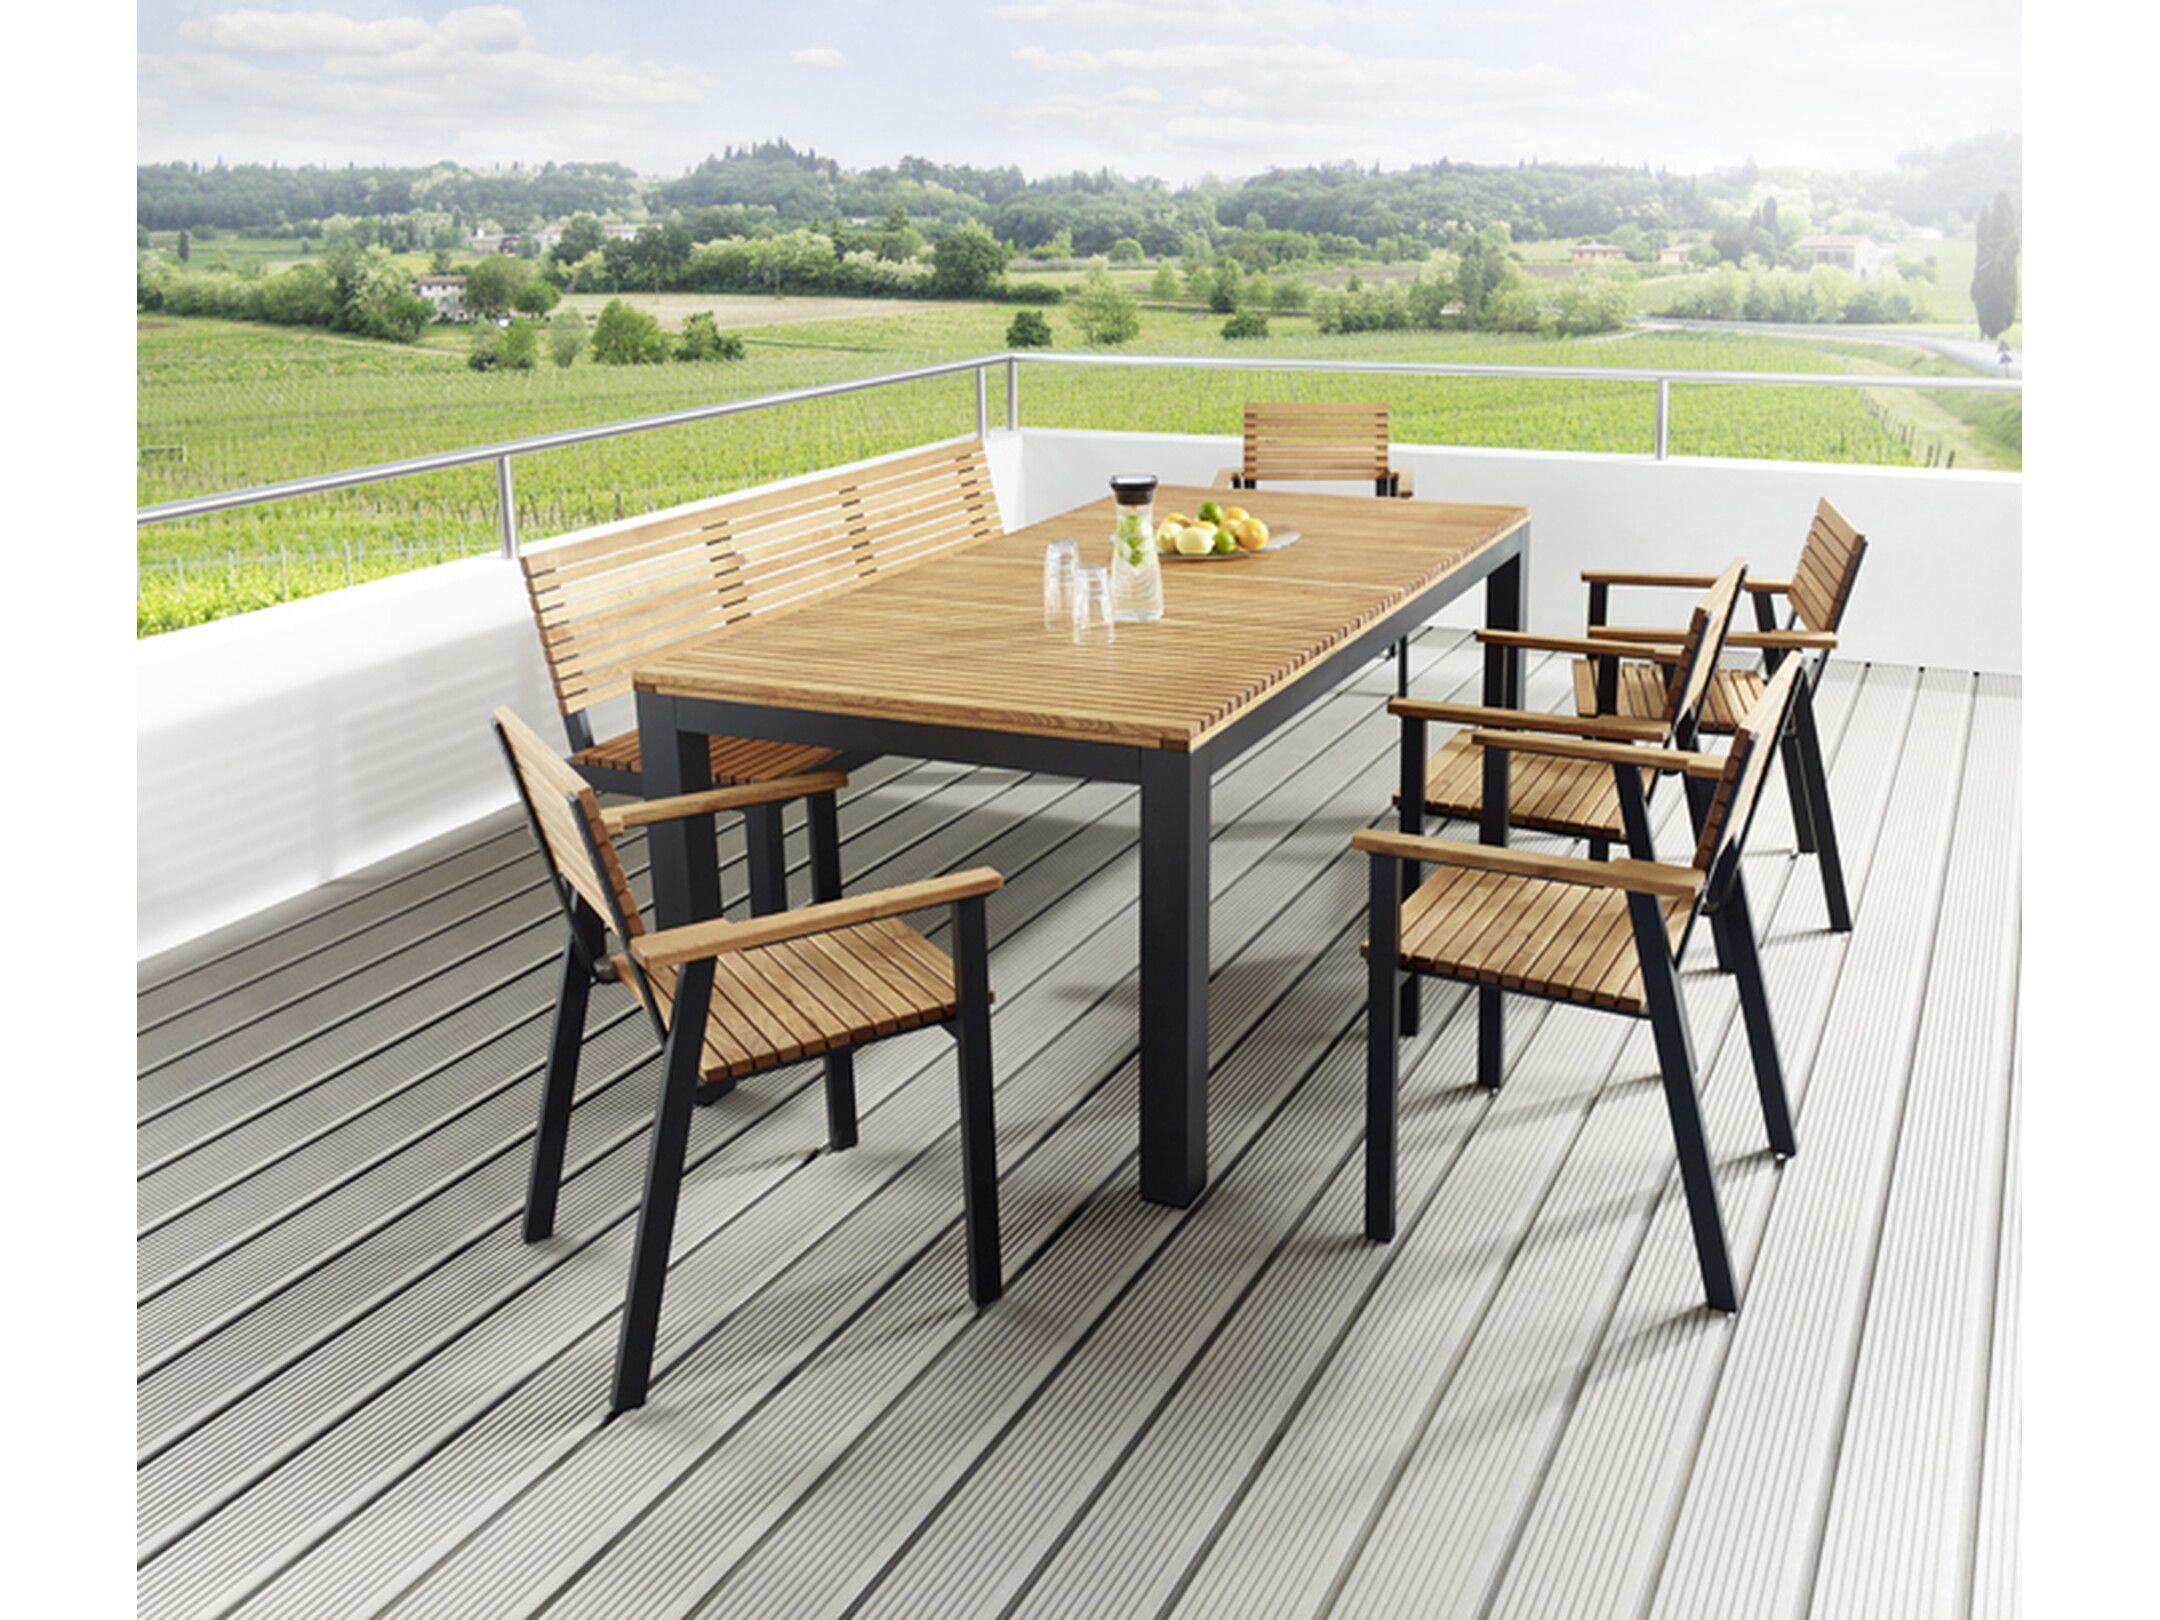 Gartenmobel Set Edelstahl In 2021 Outdoor Furniture Sets Outdoor Furniture Outdoor Decor